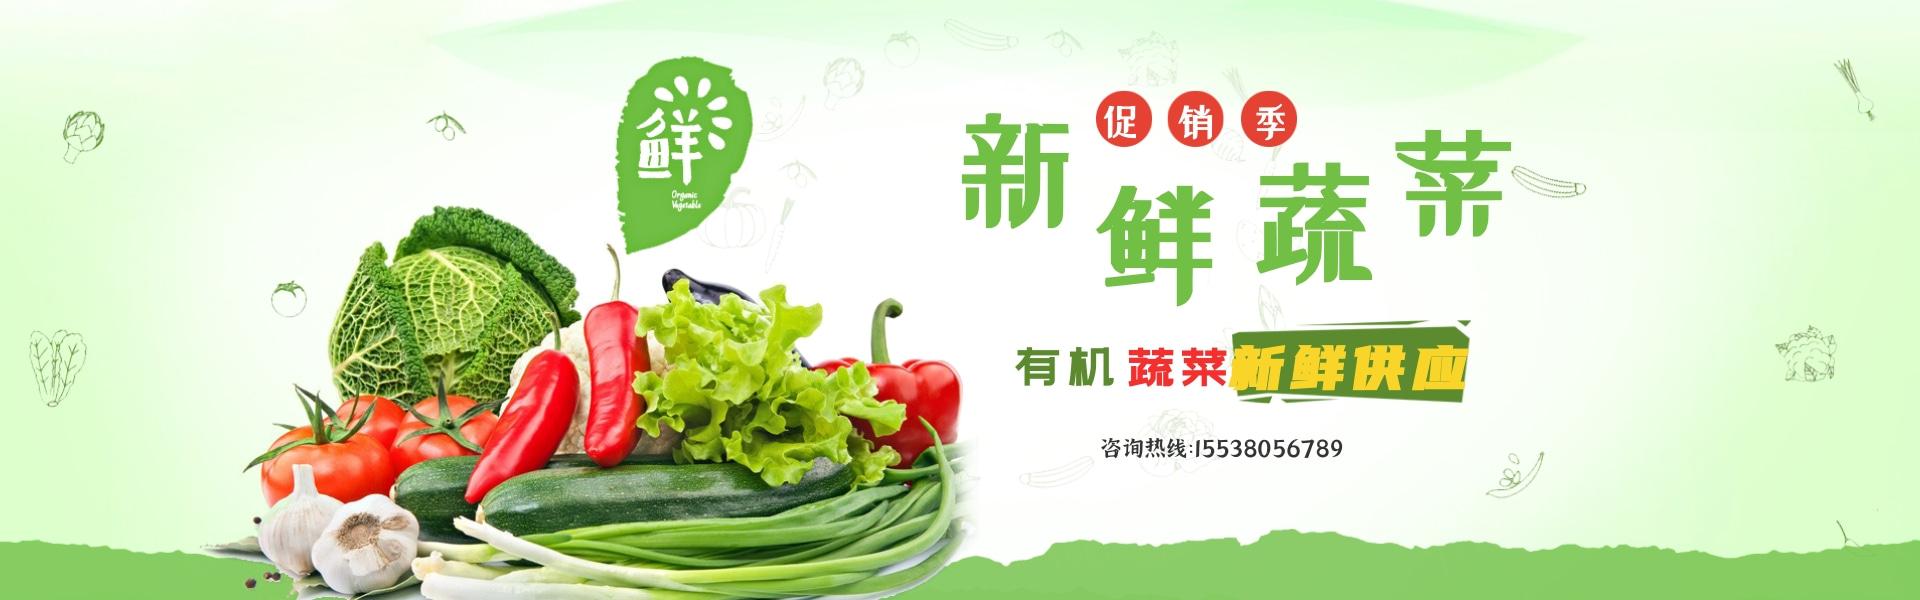 鄭州蔬菜配送